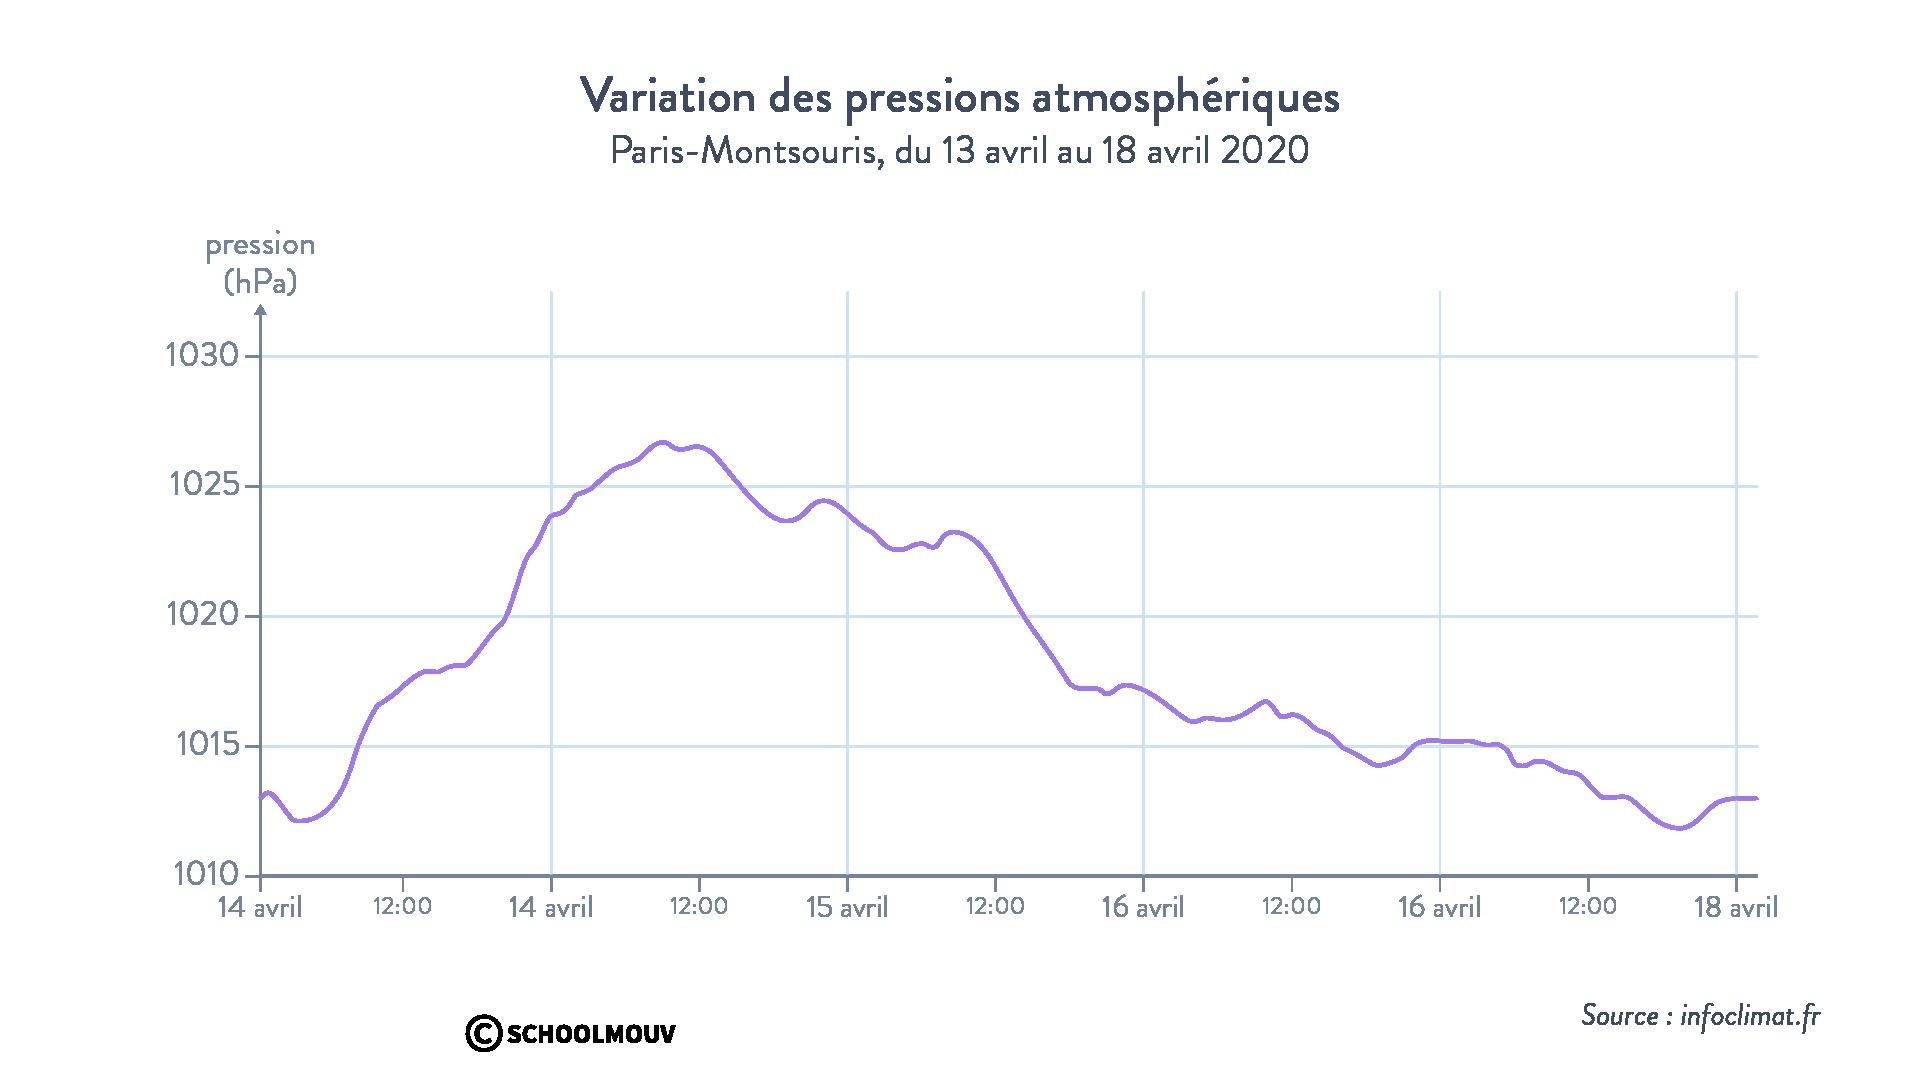 Variation pressions atmosphériques Paris-Montsouris